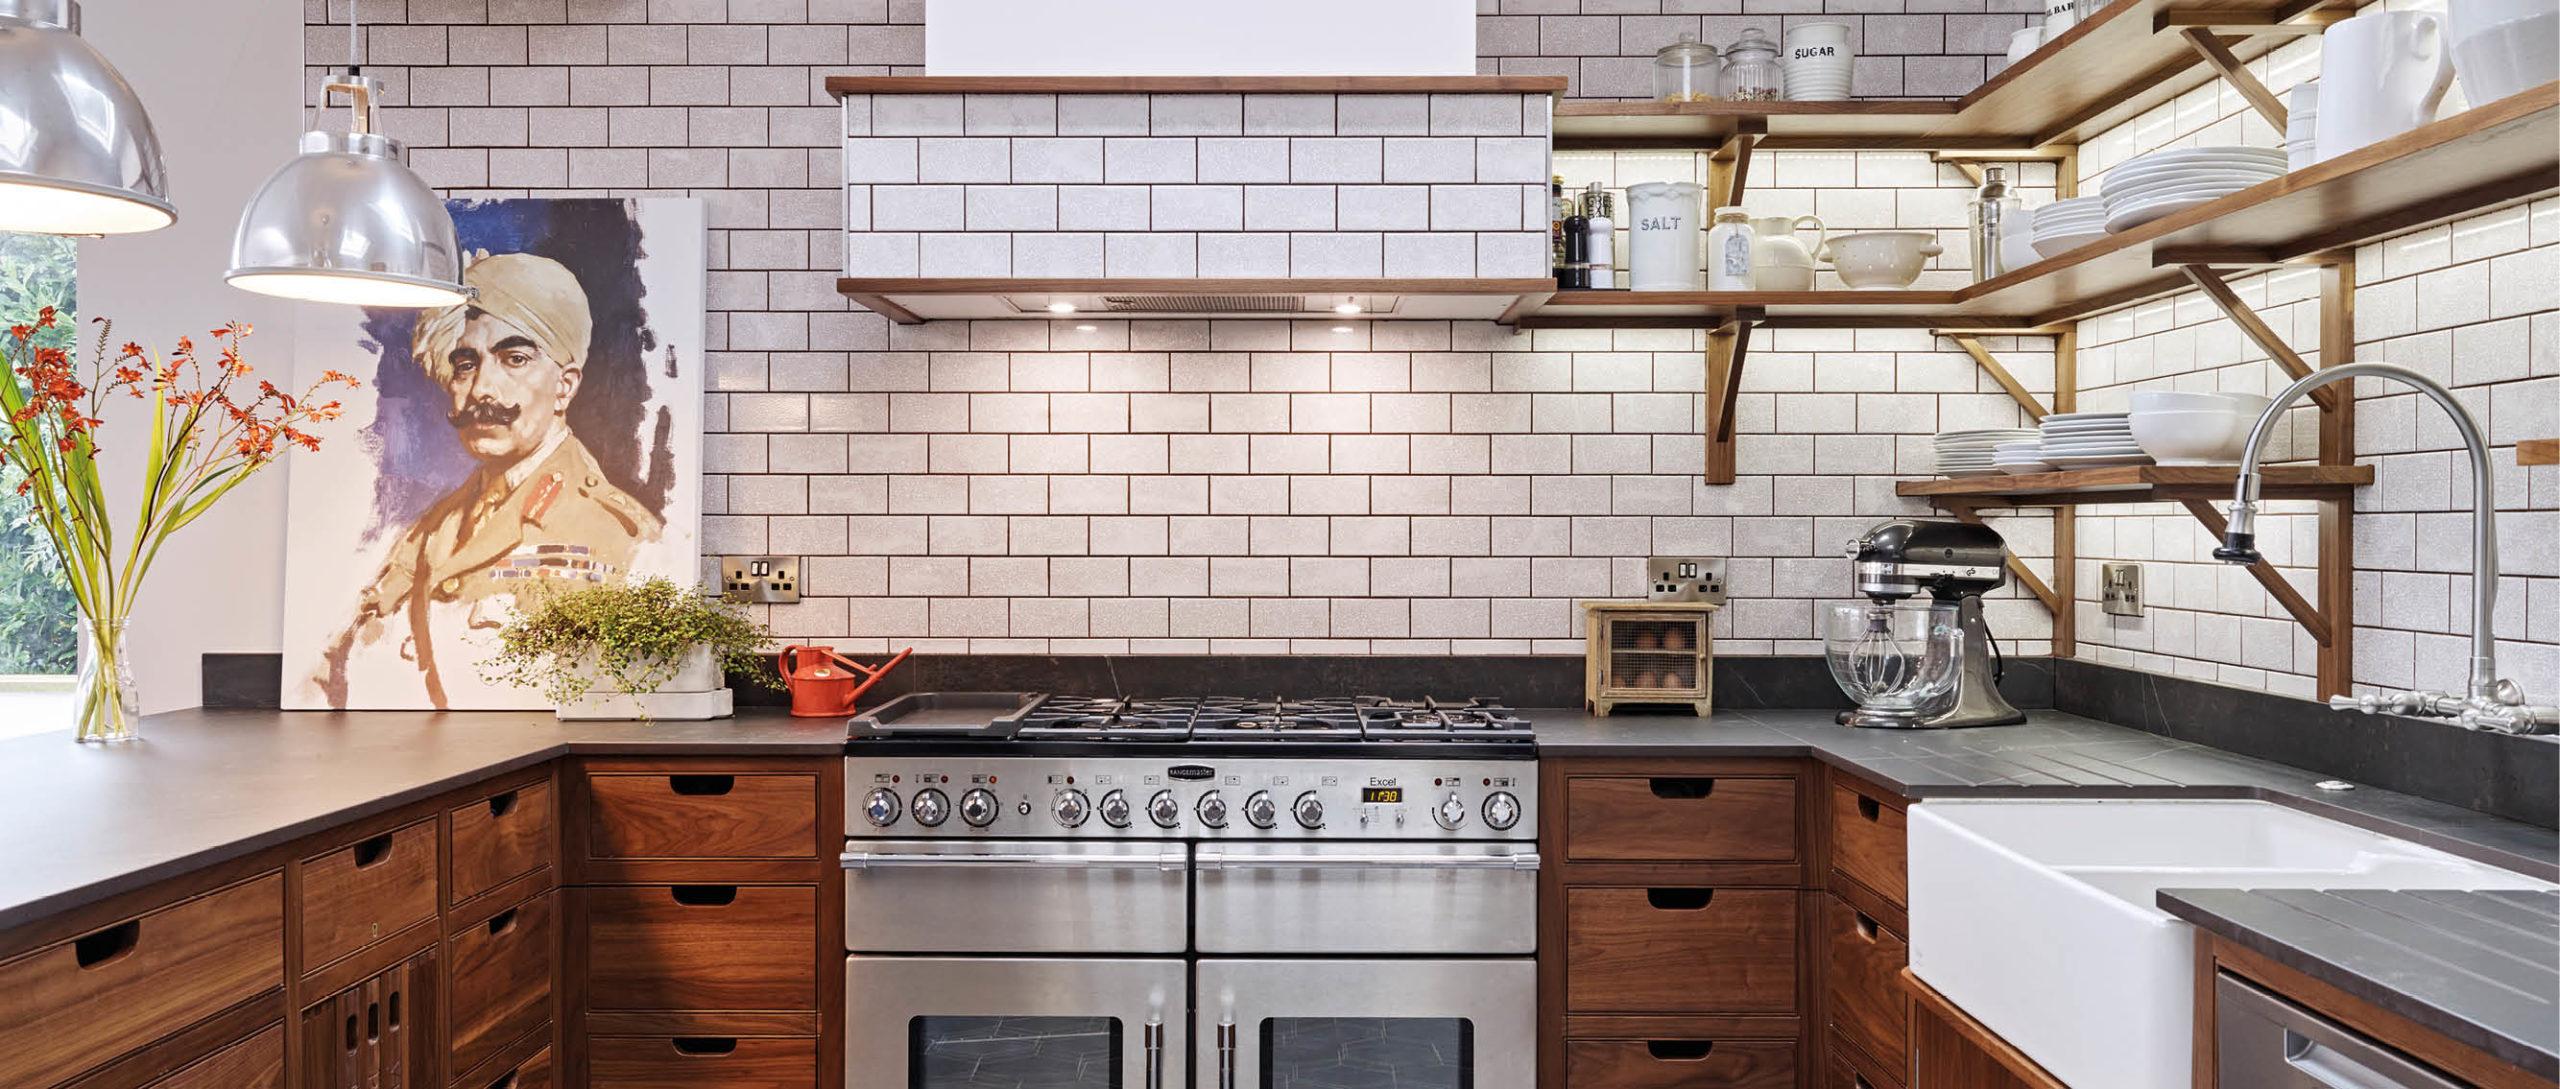 Kitchens-2nd-Desktop-Mobile-Banner